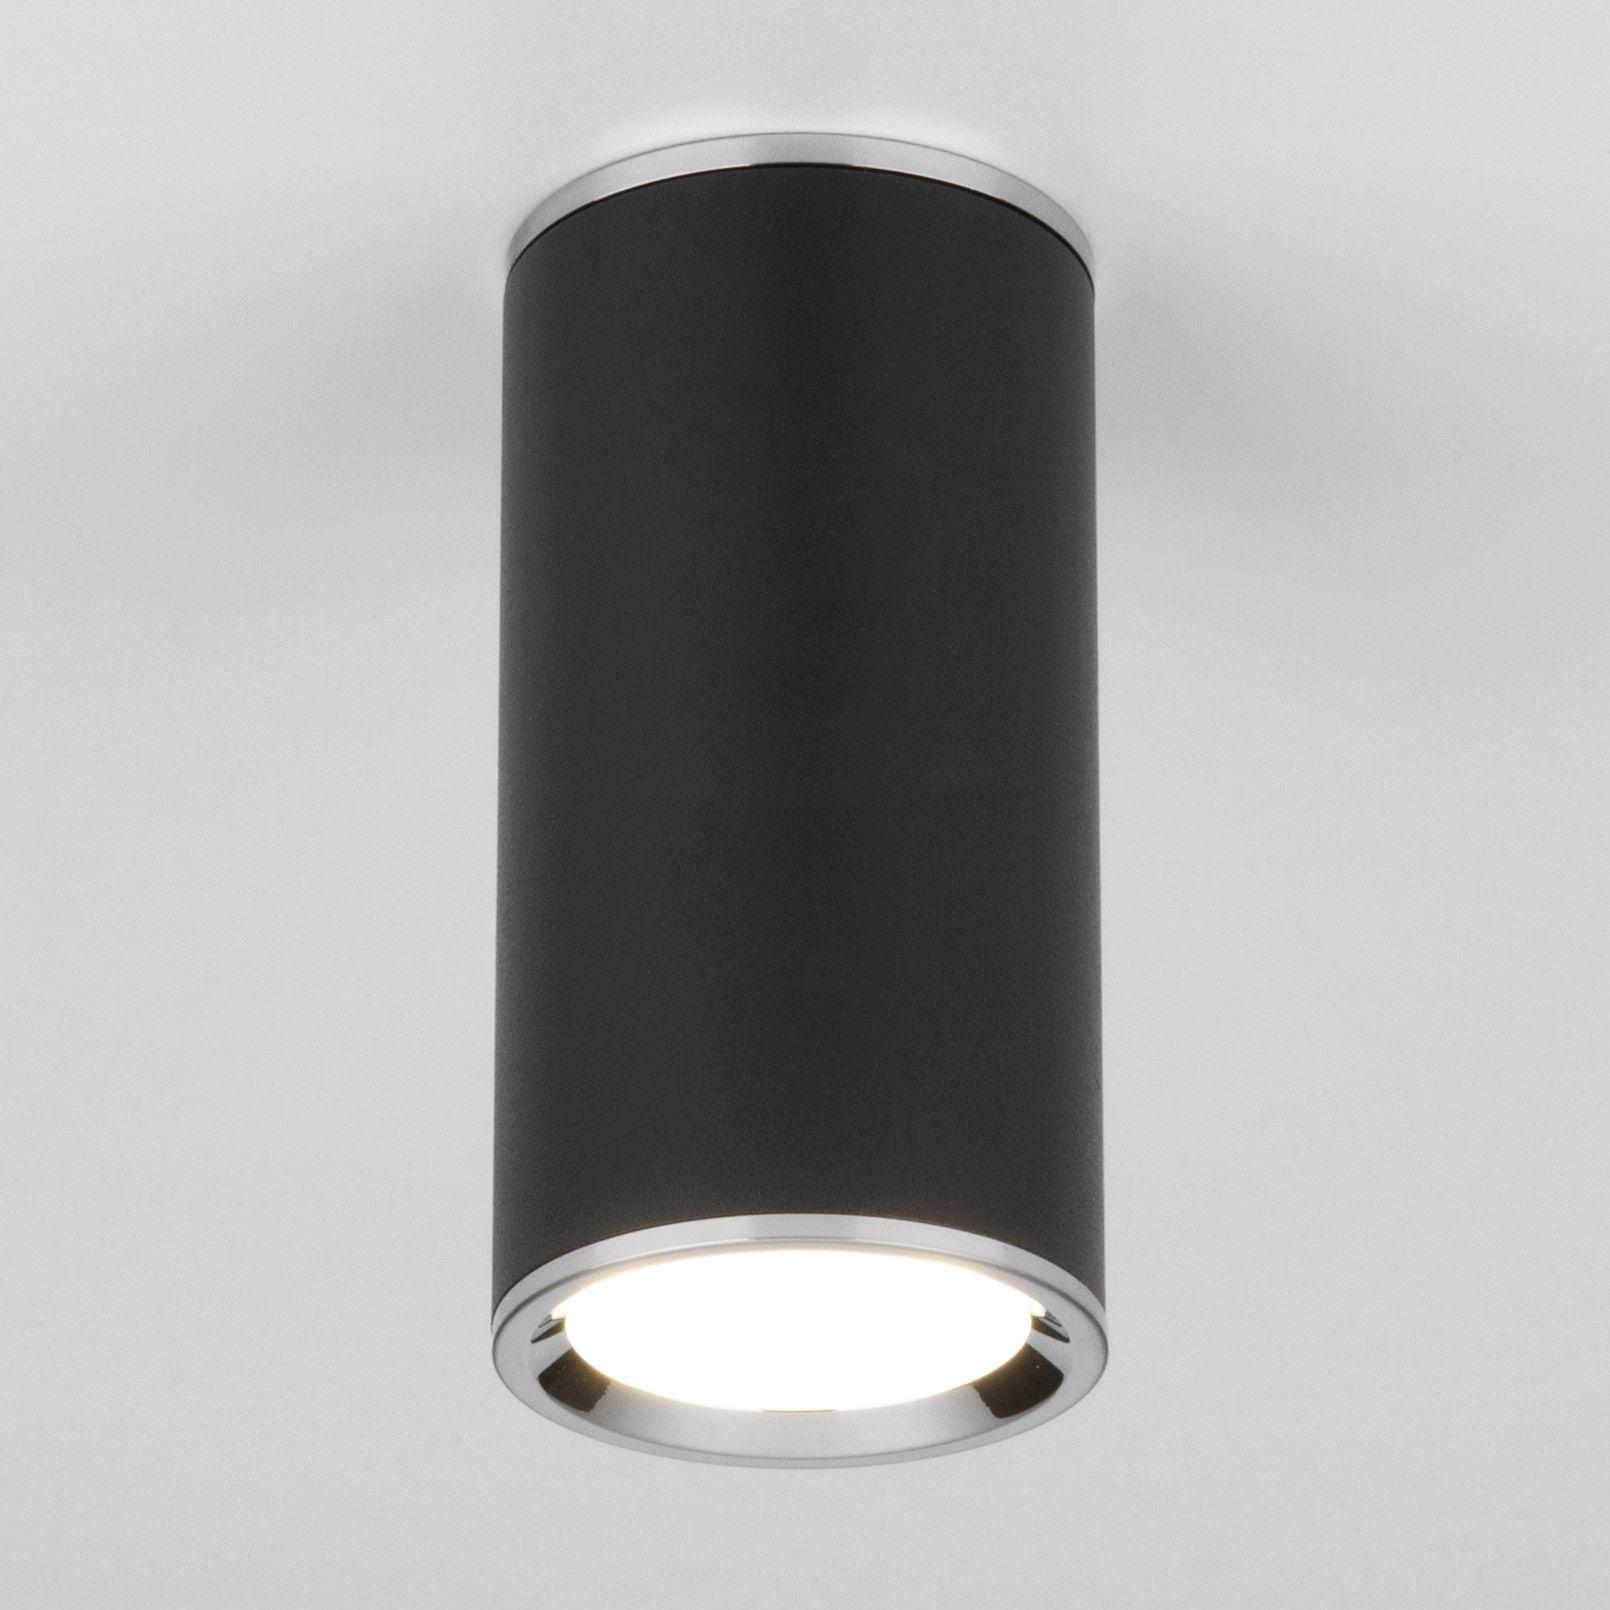 Накладной акцентный светильник DLN101 GU10 BK черный